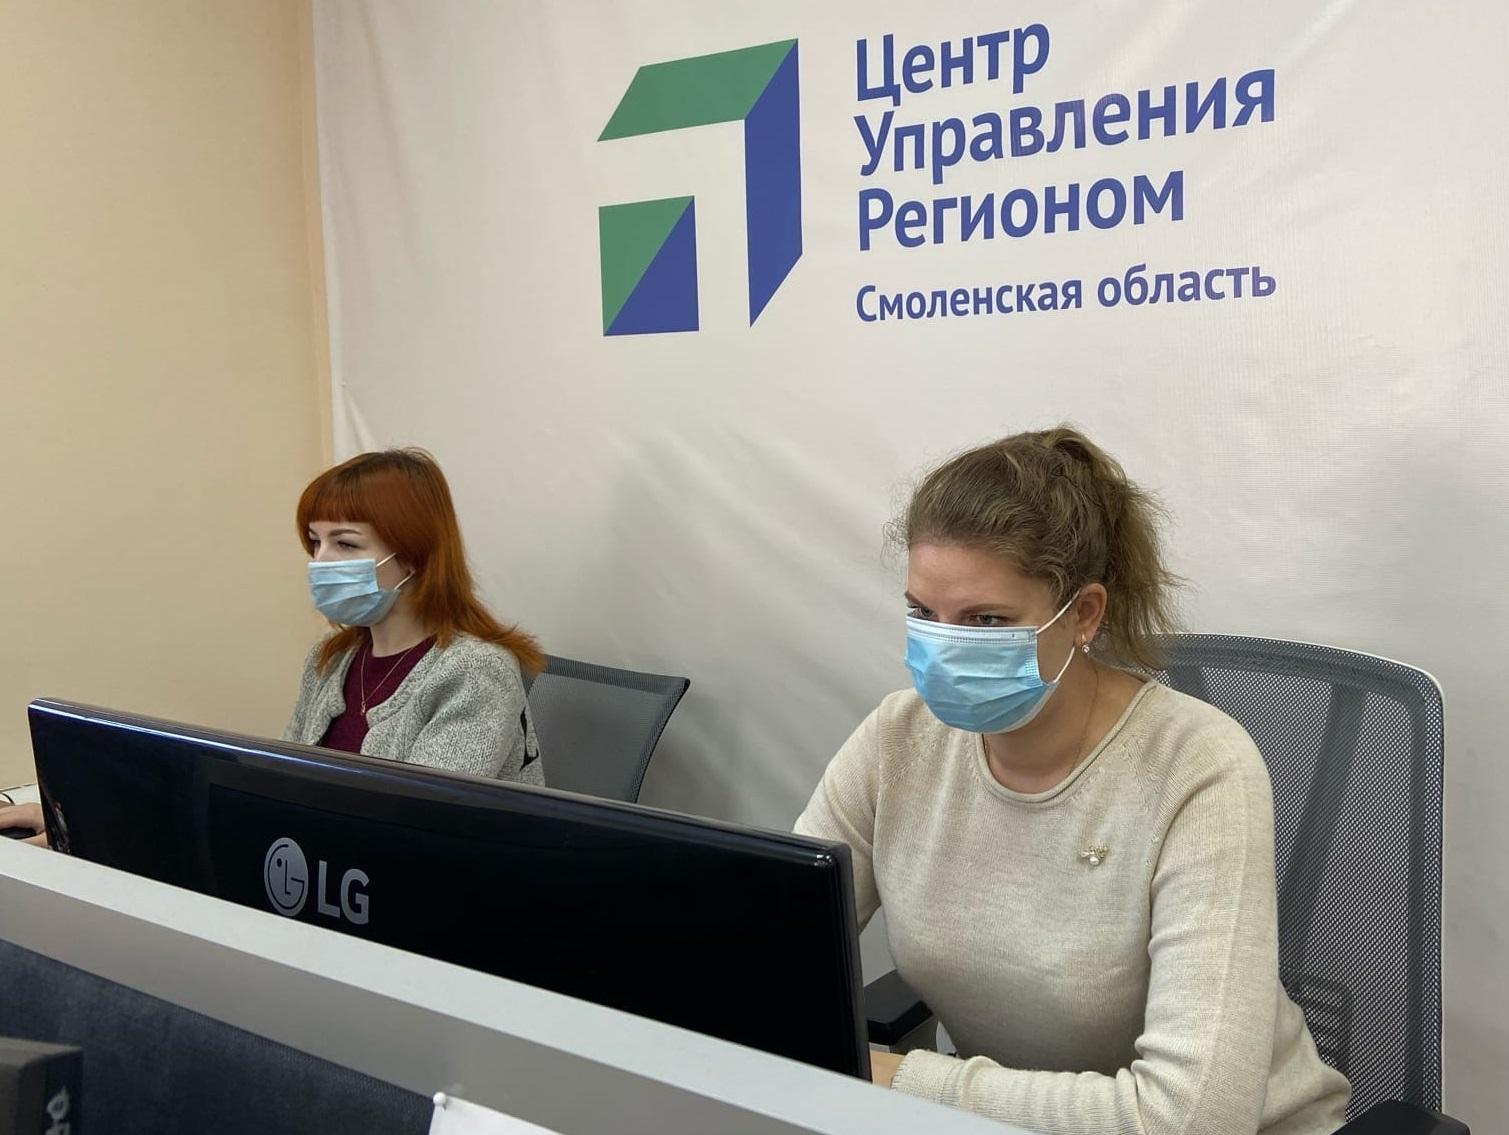 Смоленск стал лидером по числу сообщений через систему «Инцидент Менеджмент»